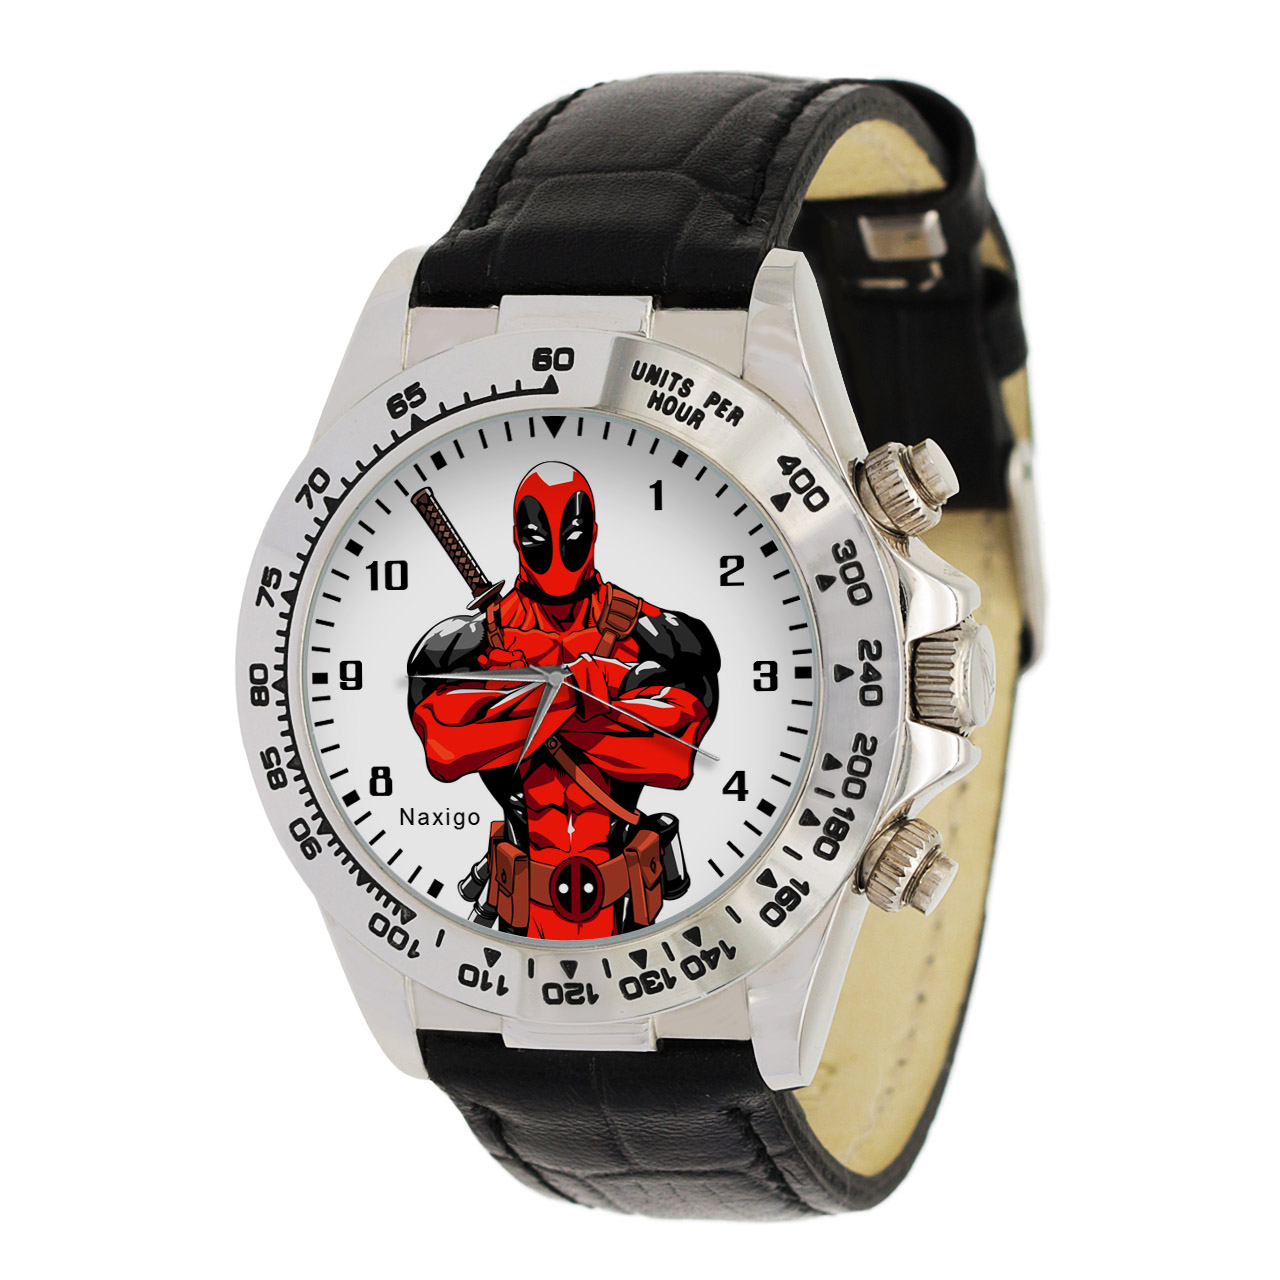 ساعت مچی  مردانه ناکسیگو طرح ددپول کد LS3533